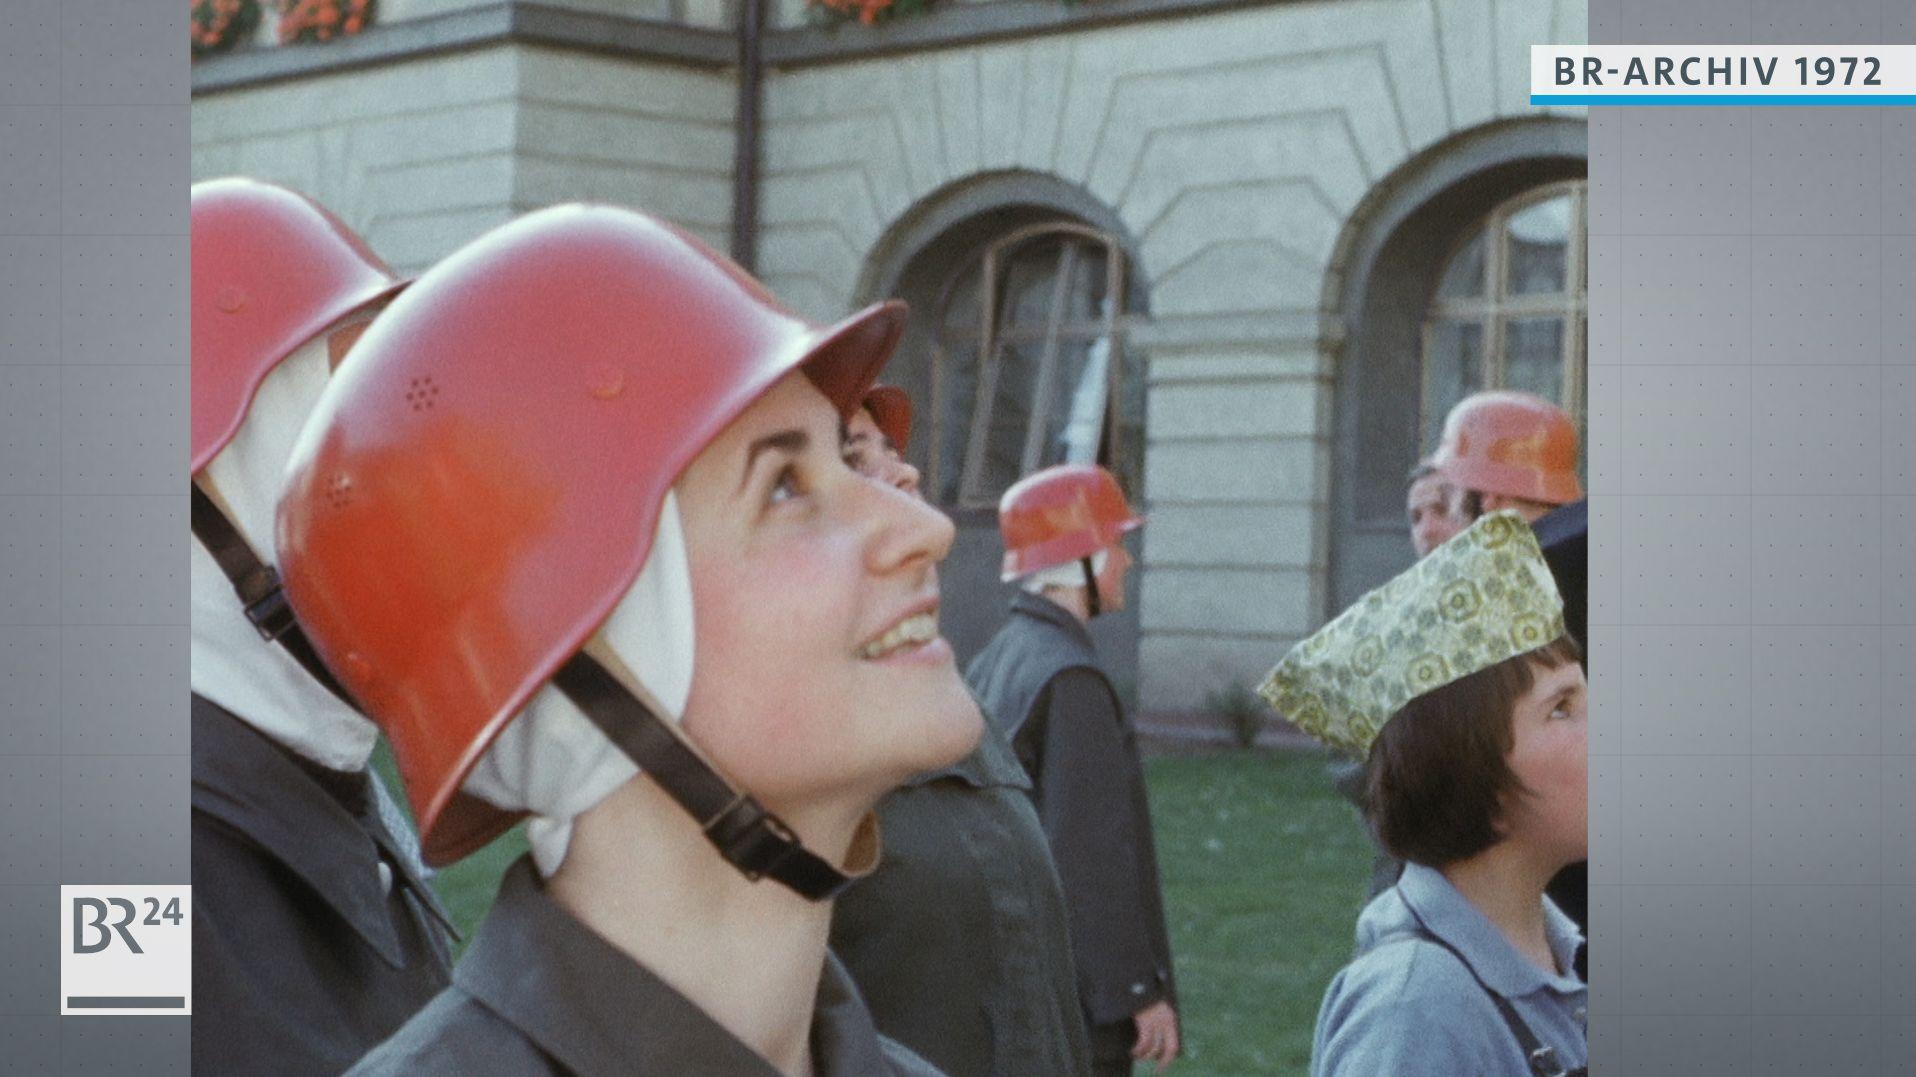 Nonnen mit rotem Feuerwehrhelm